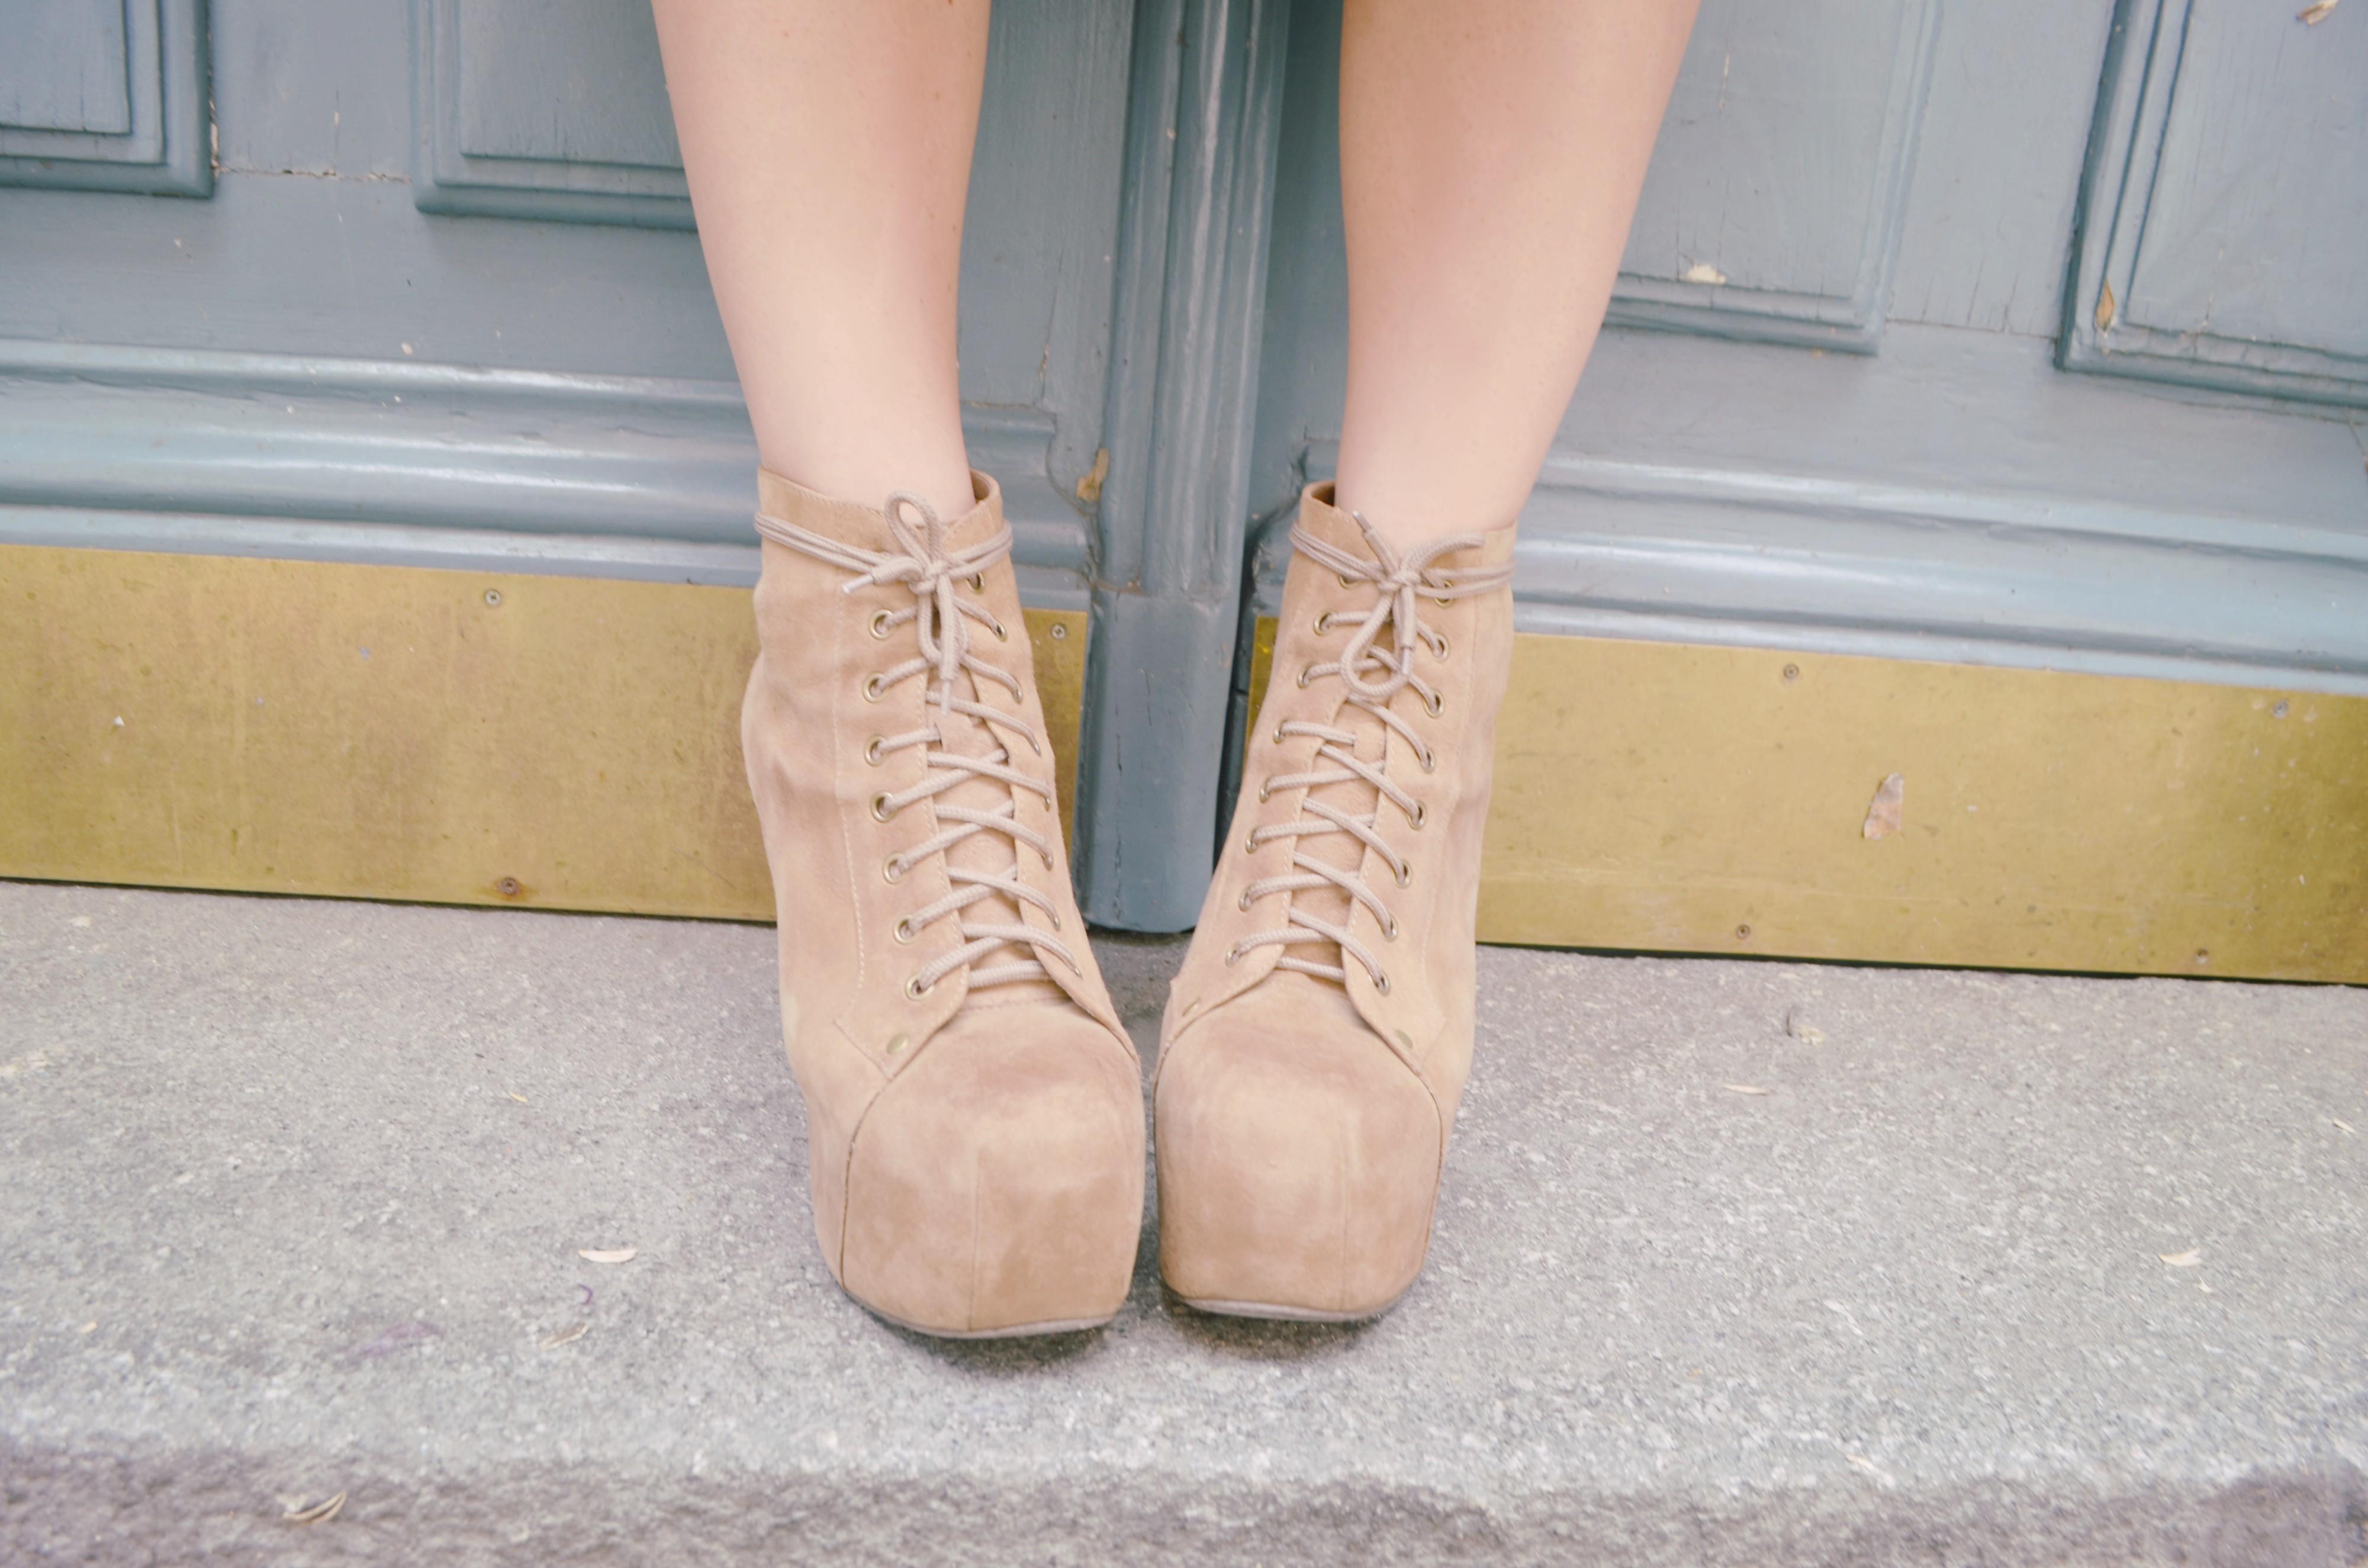 ChicAdicta-Chic-Adicta-Madrid-street-style-blog-de-moda-camel-shoes-jeffrey-campbell-look-Bolsos-PepeMoll-PiensaenChic-Piensa-en-Chic